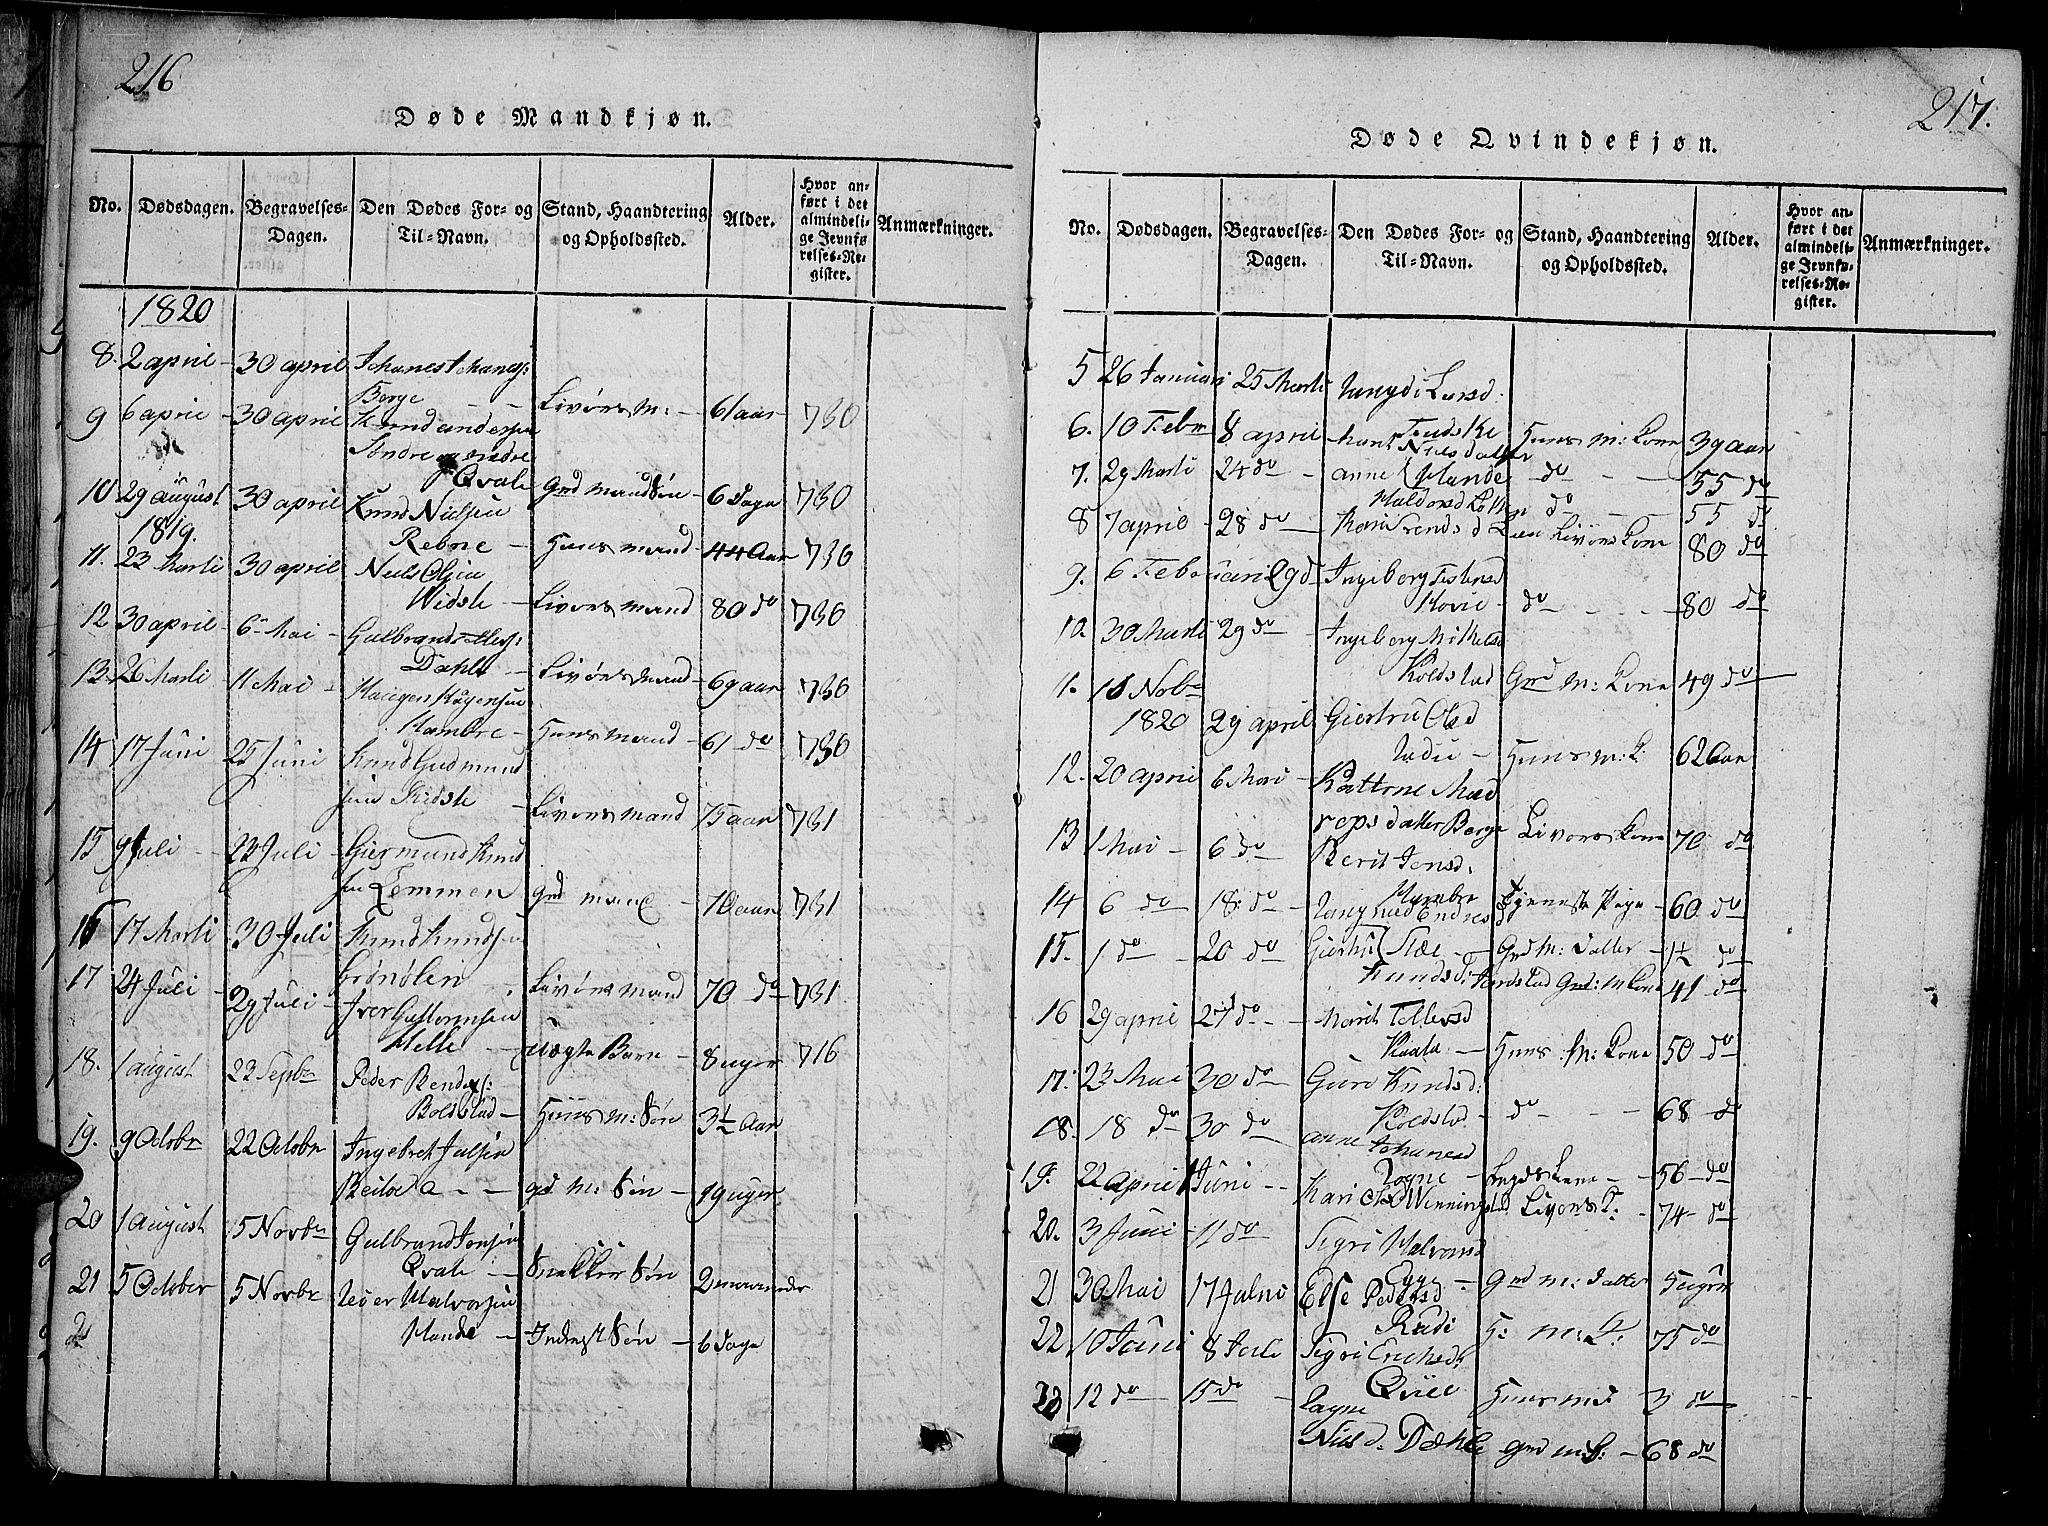 SAH, Slidre prestekontor, Ministerialbok nr. 2, 1814-1830, s. 216-217